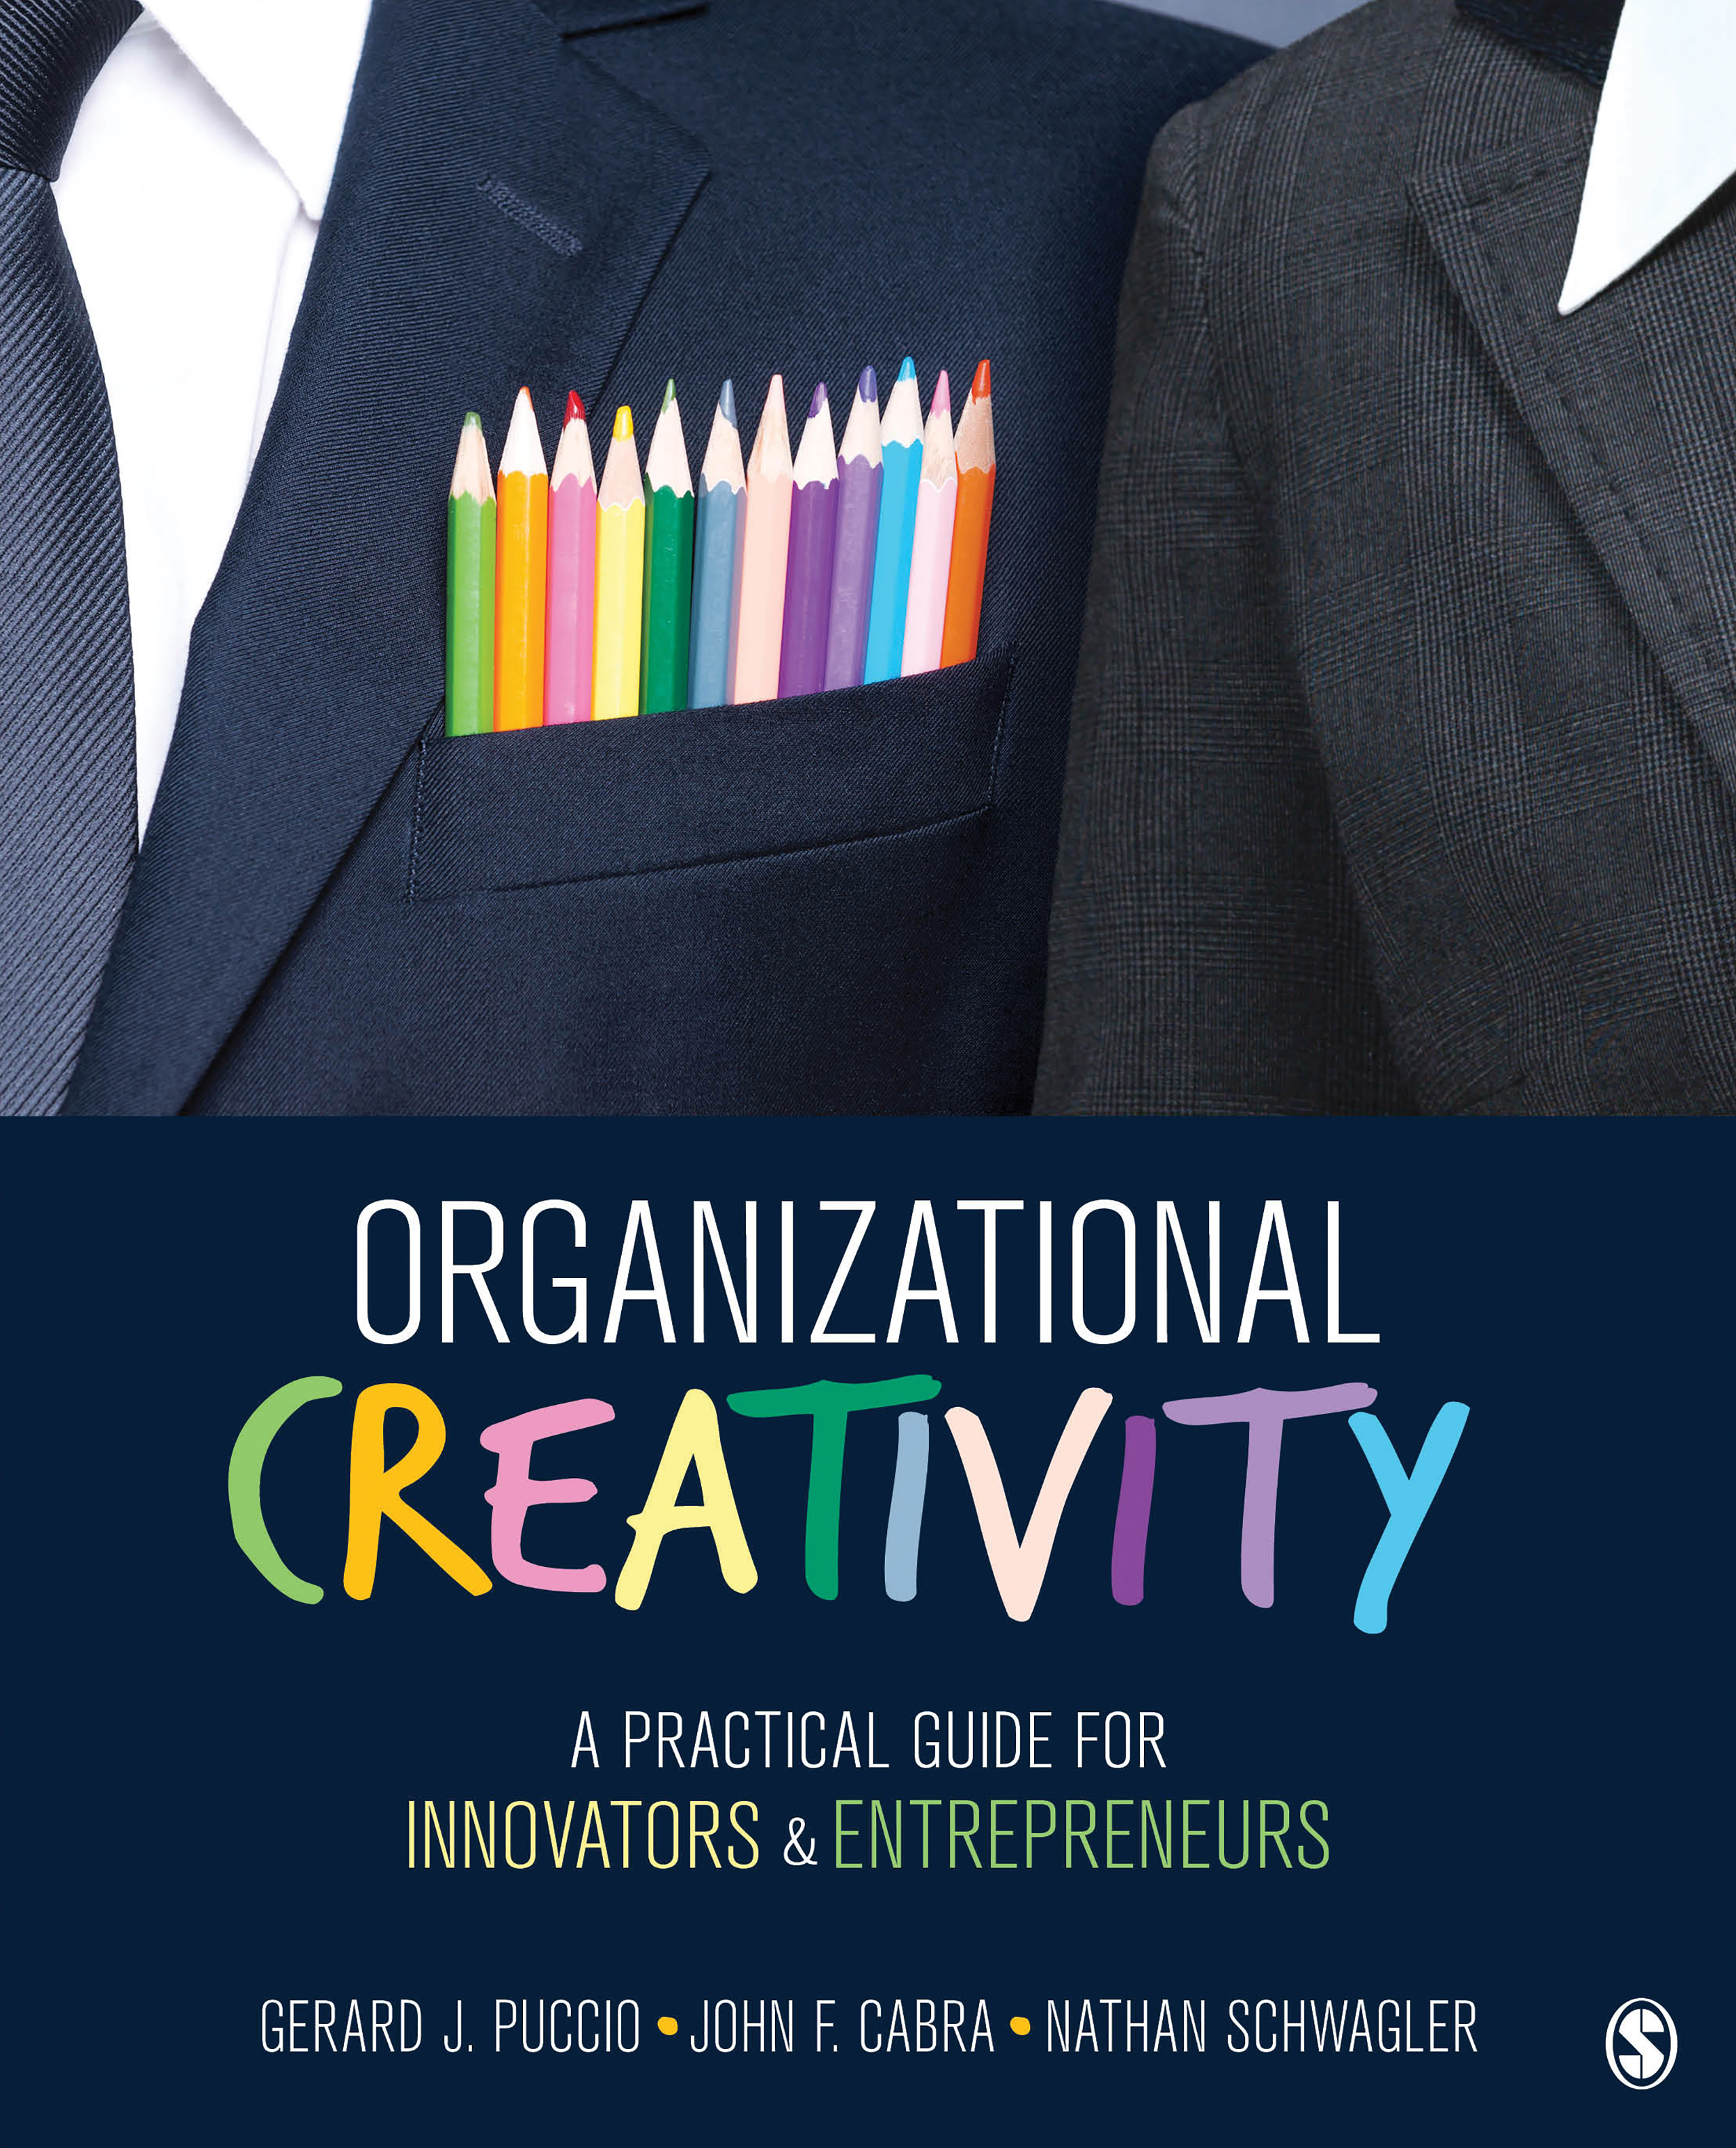 Download Ebook Organizational Creativity by Gerard J. Puccio Pdf